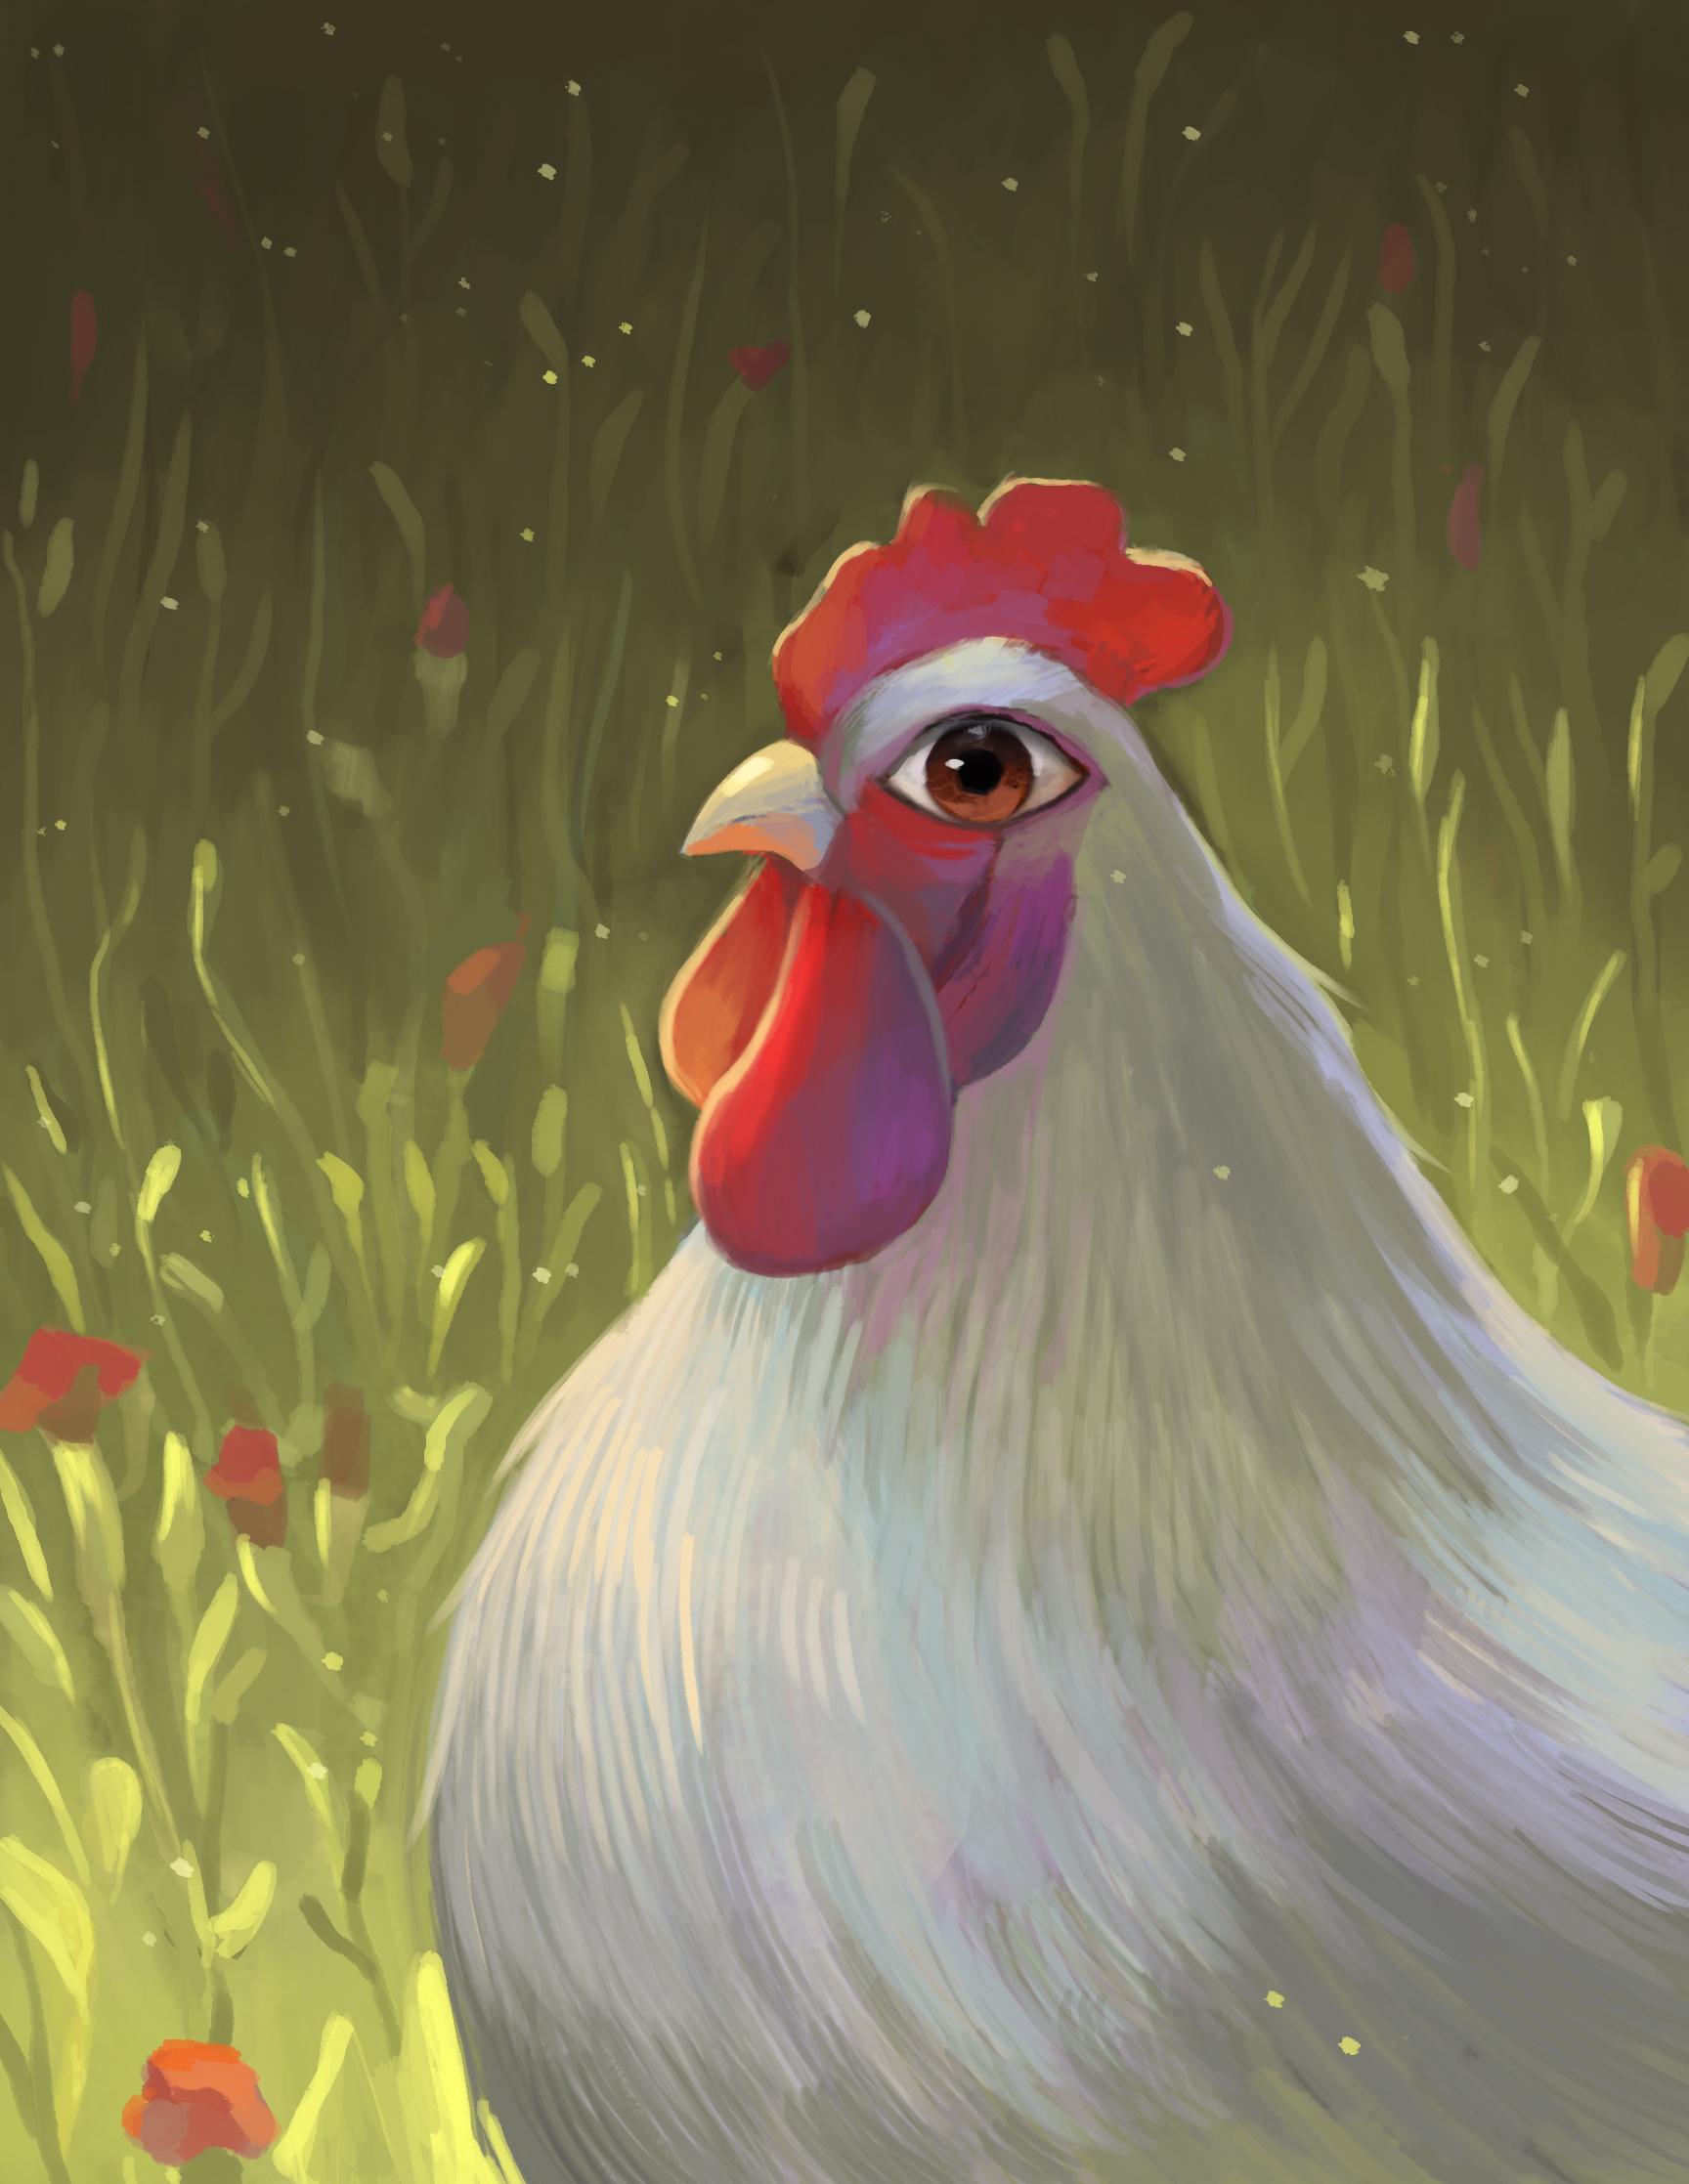 chickenpainting_02.jpg